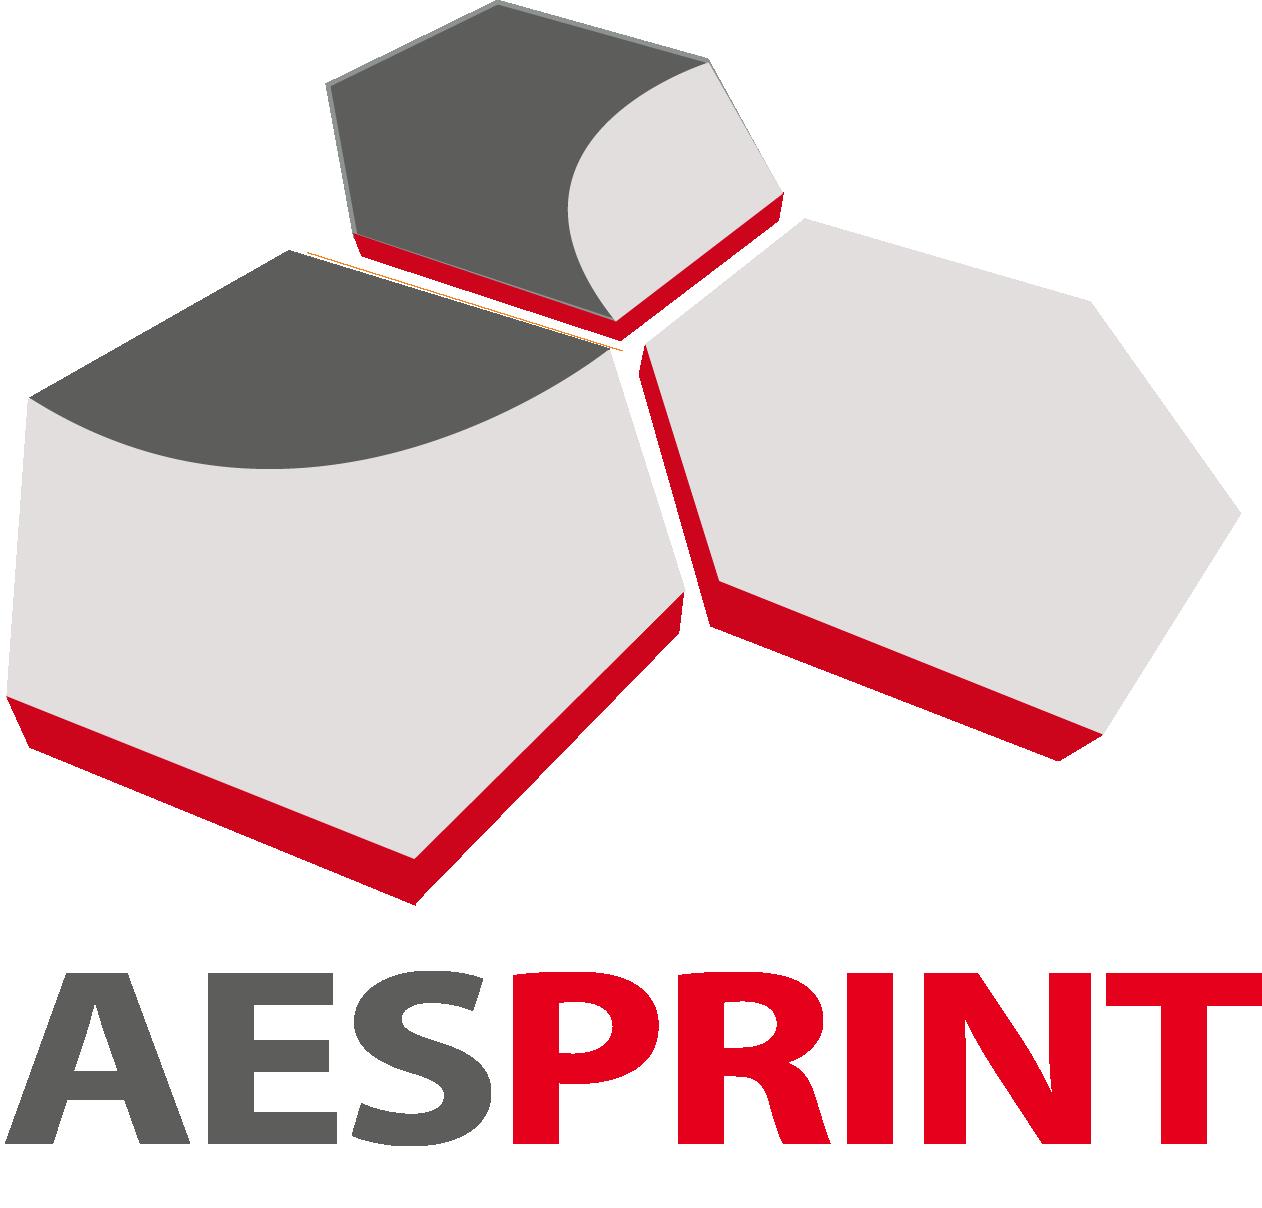 AESPRINT imprimerie